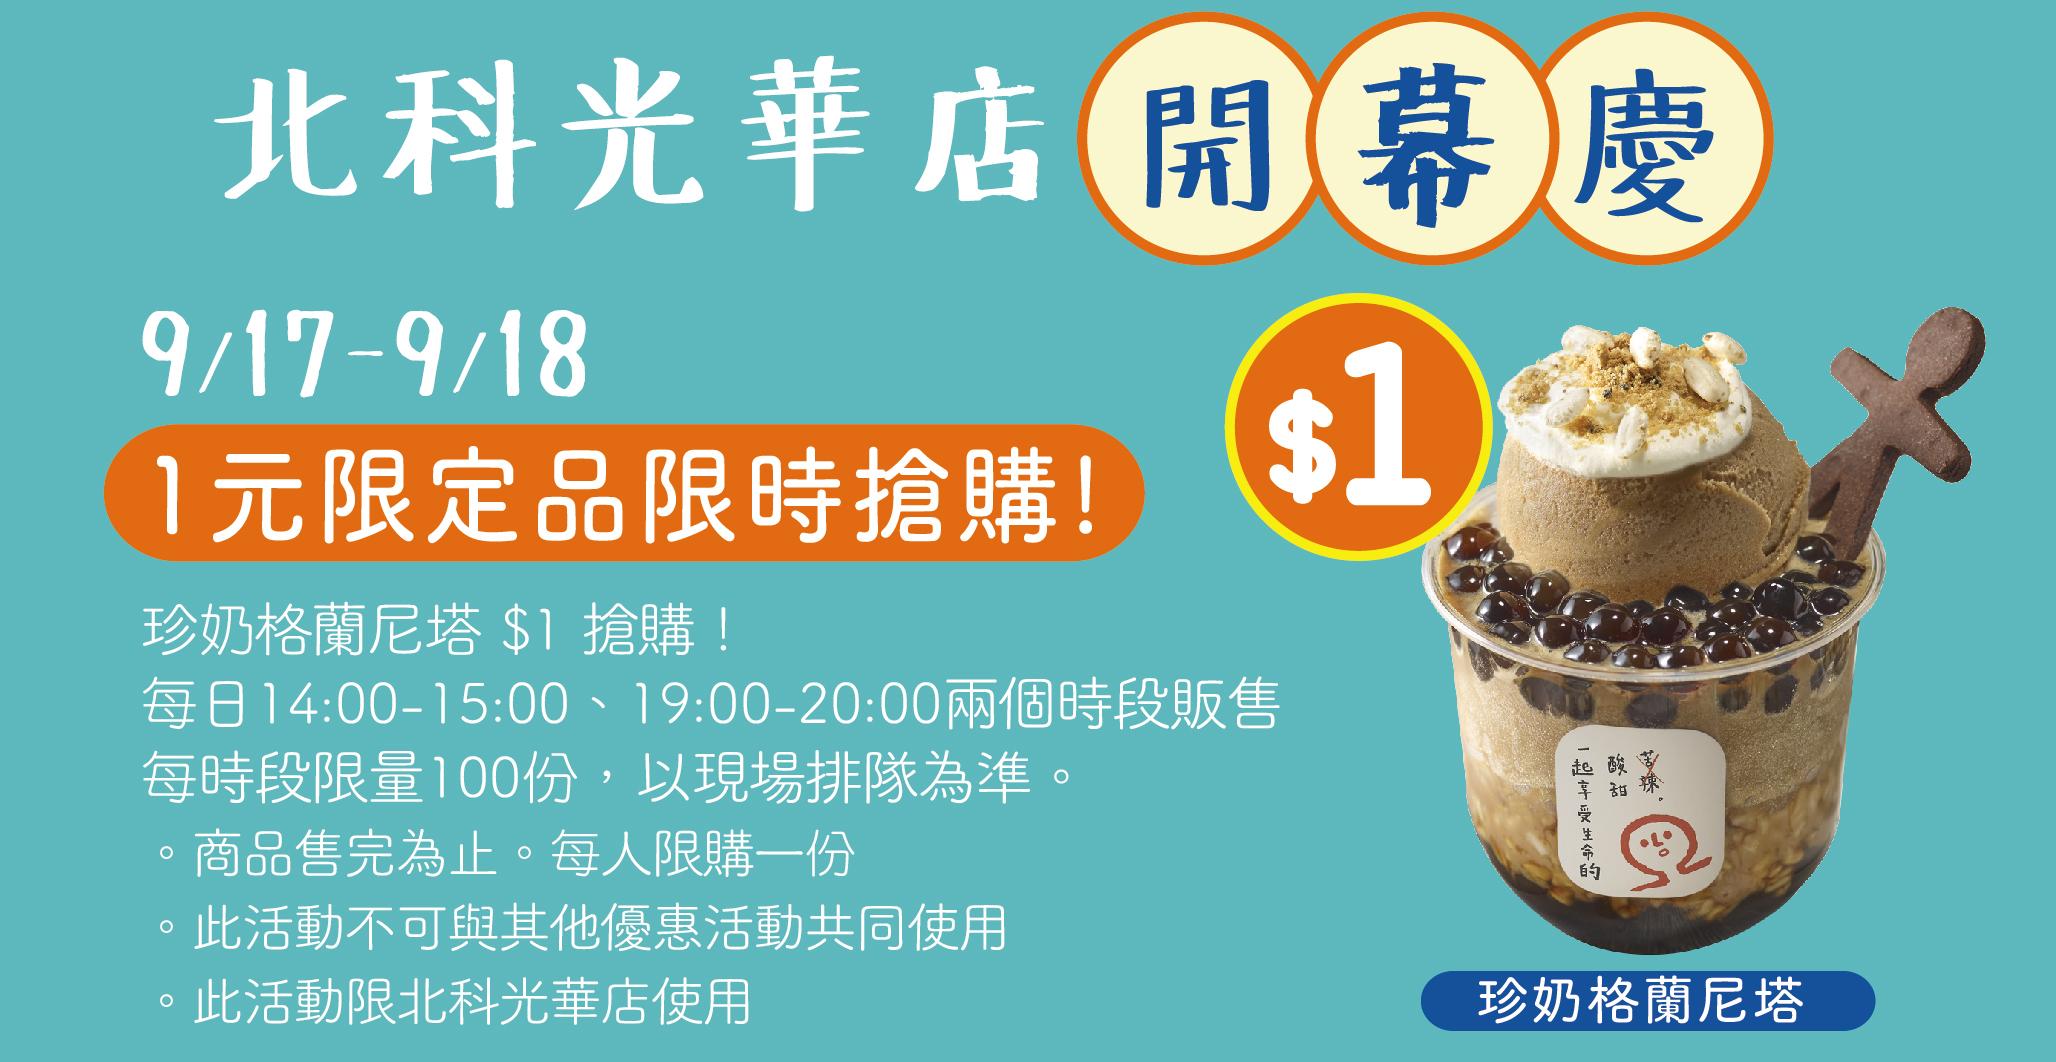 北科光華店開幕慶9/17~9/18珍奶格蘭尼塔限量$1元!